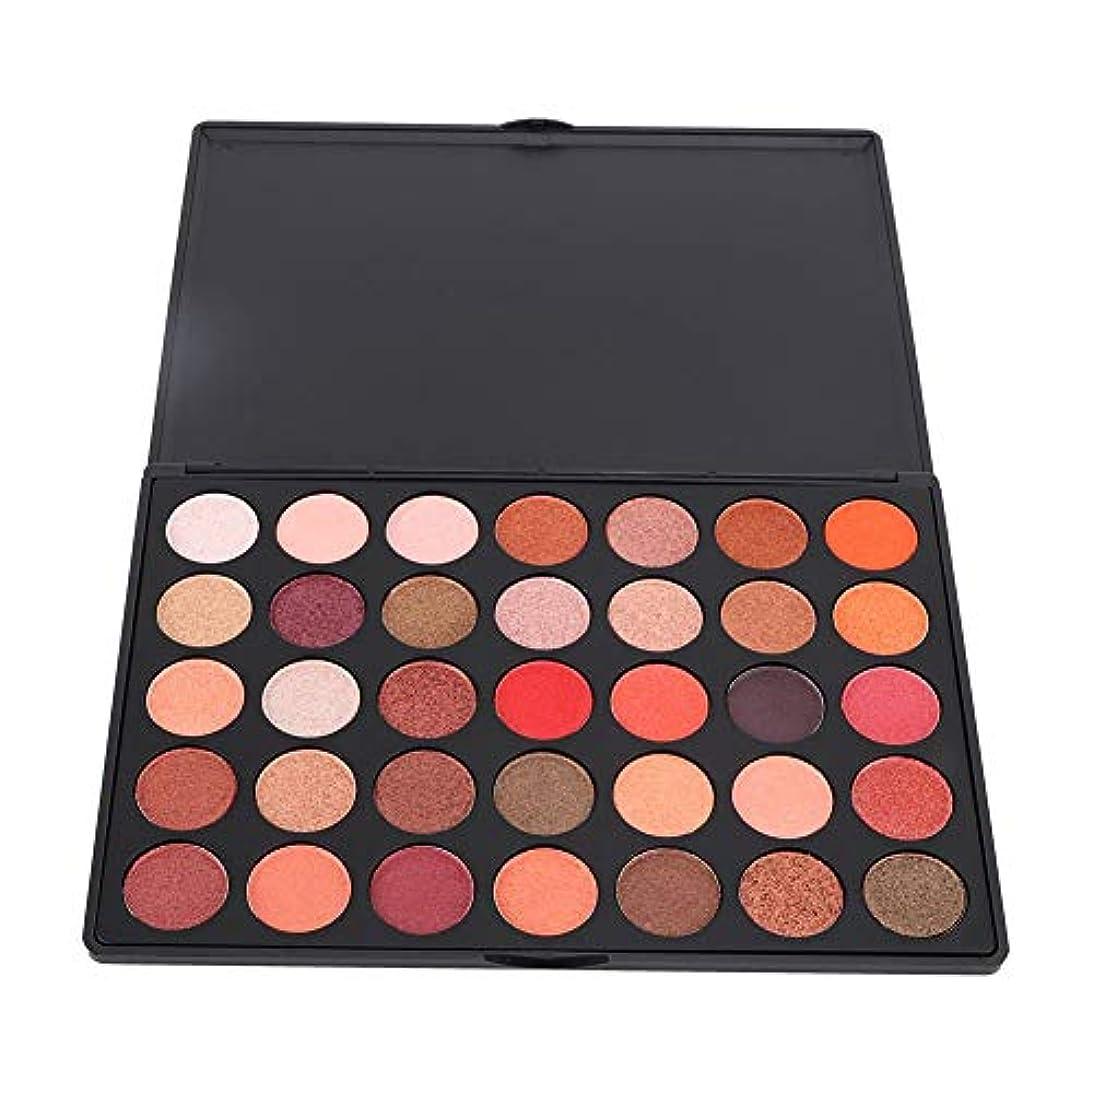 アイシャドウパレット アイシャドウパレット 35色 化粧品ツール 化粧マット グロス アイシャドウパウダー